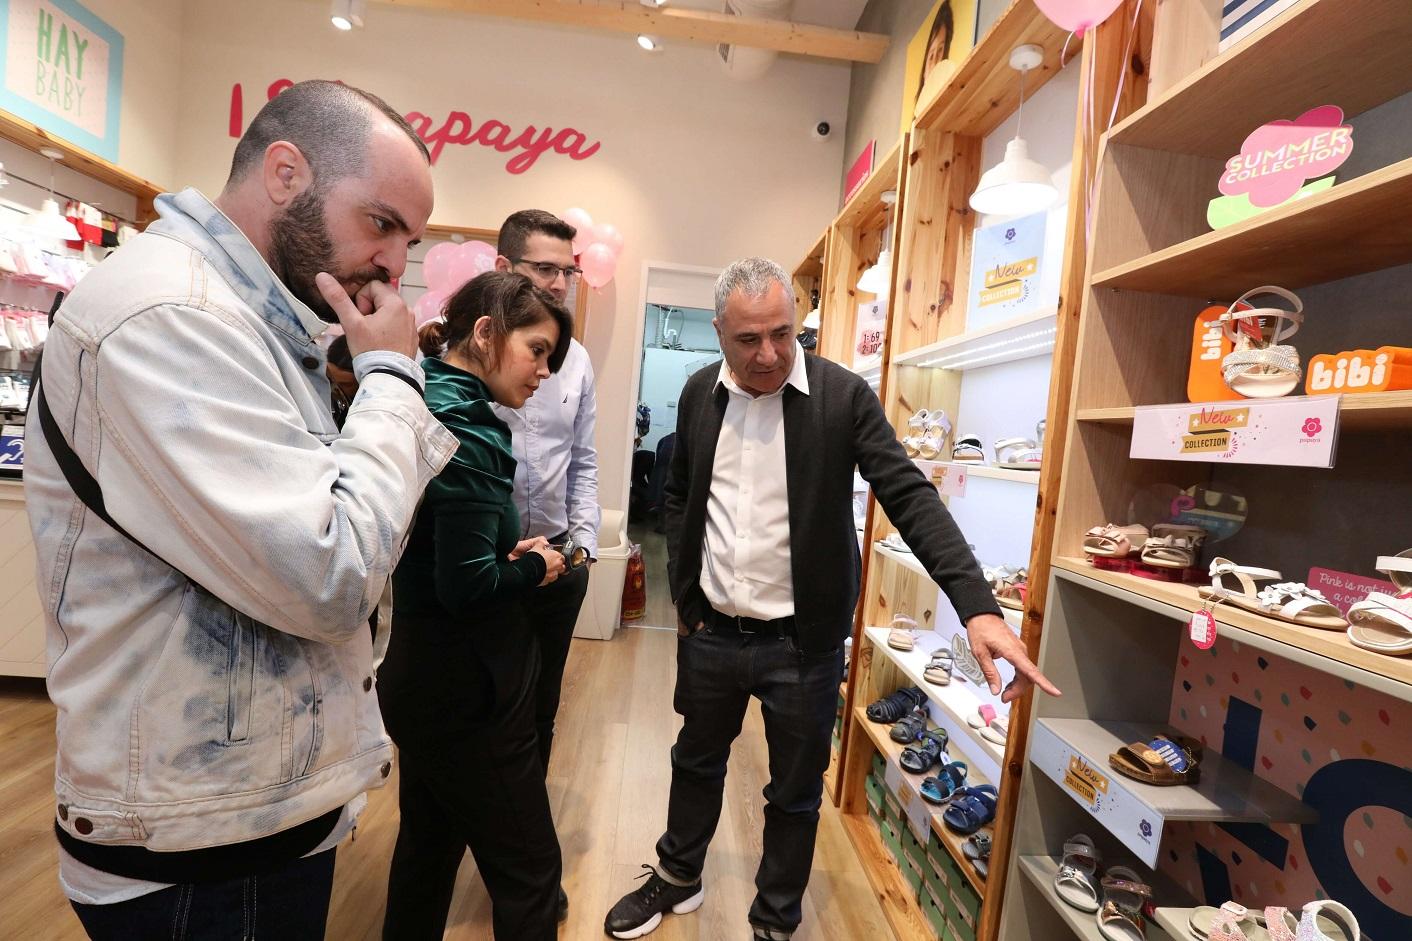 תקציב חדש למילר פוינט: מותג נעלי הילדים 'פפאיה' 4